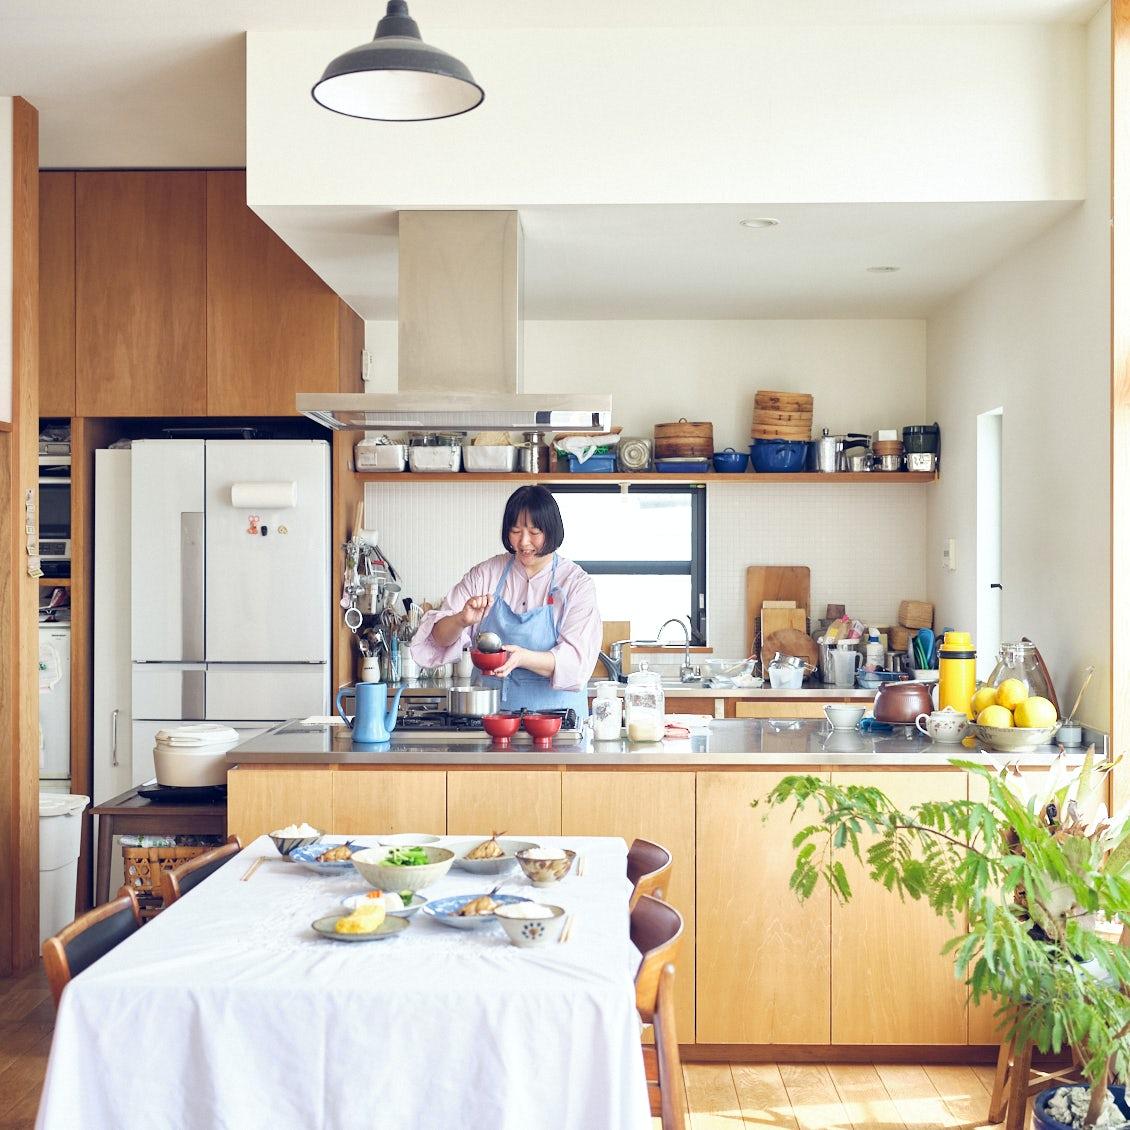 【長く愛せる暮らしの道具】気がつけば11年、家事を支えてくれてる相棒って?